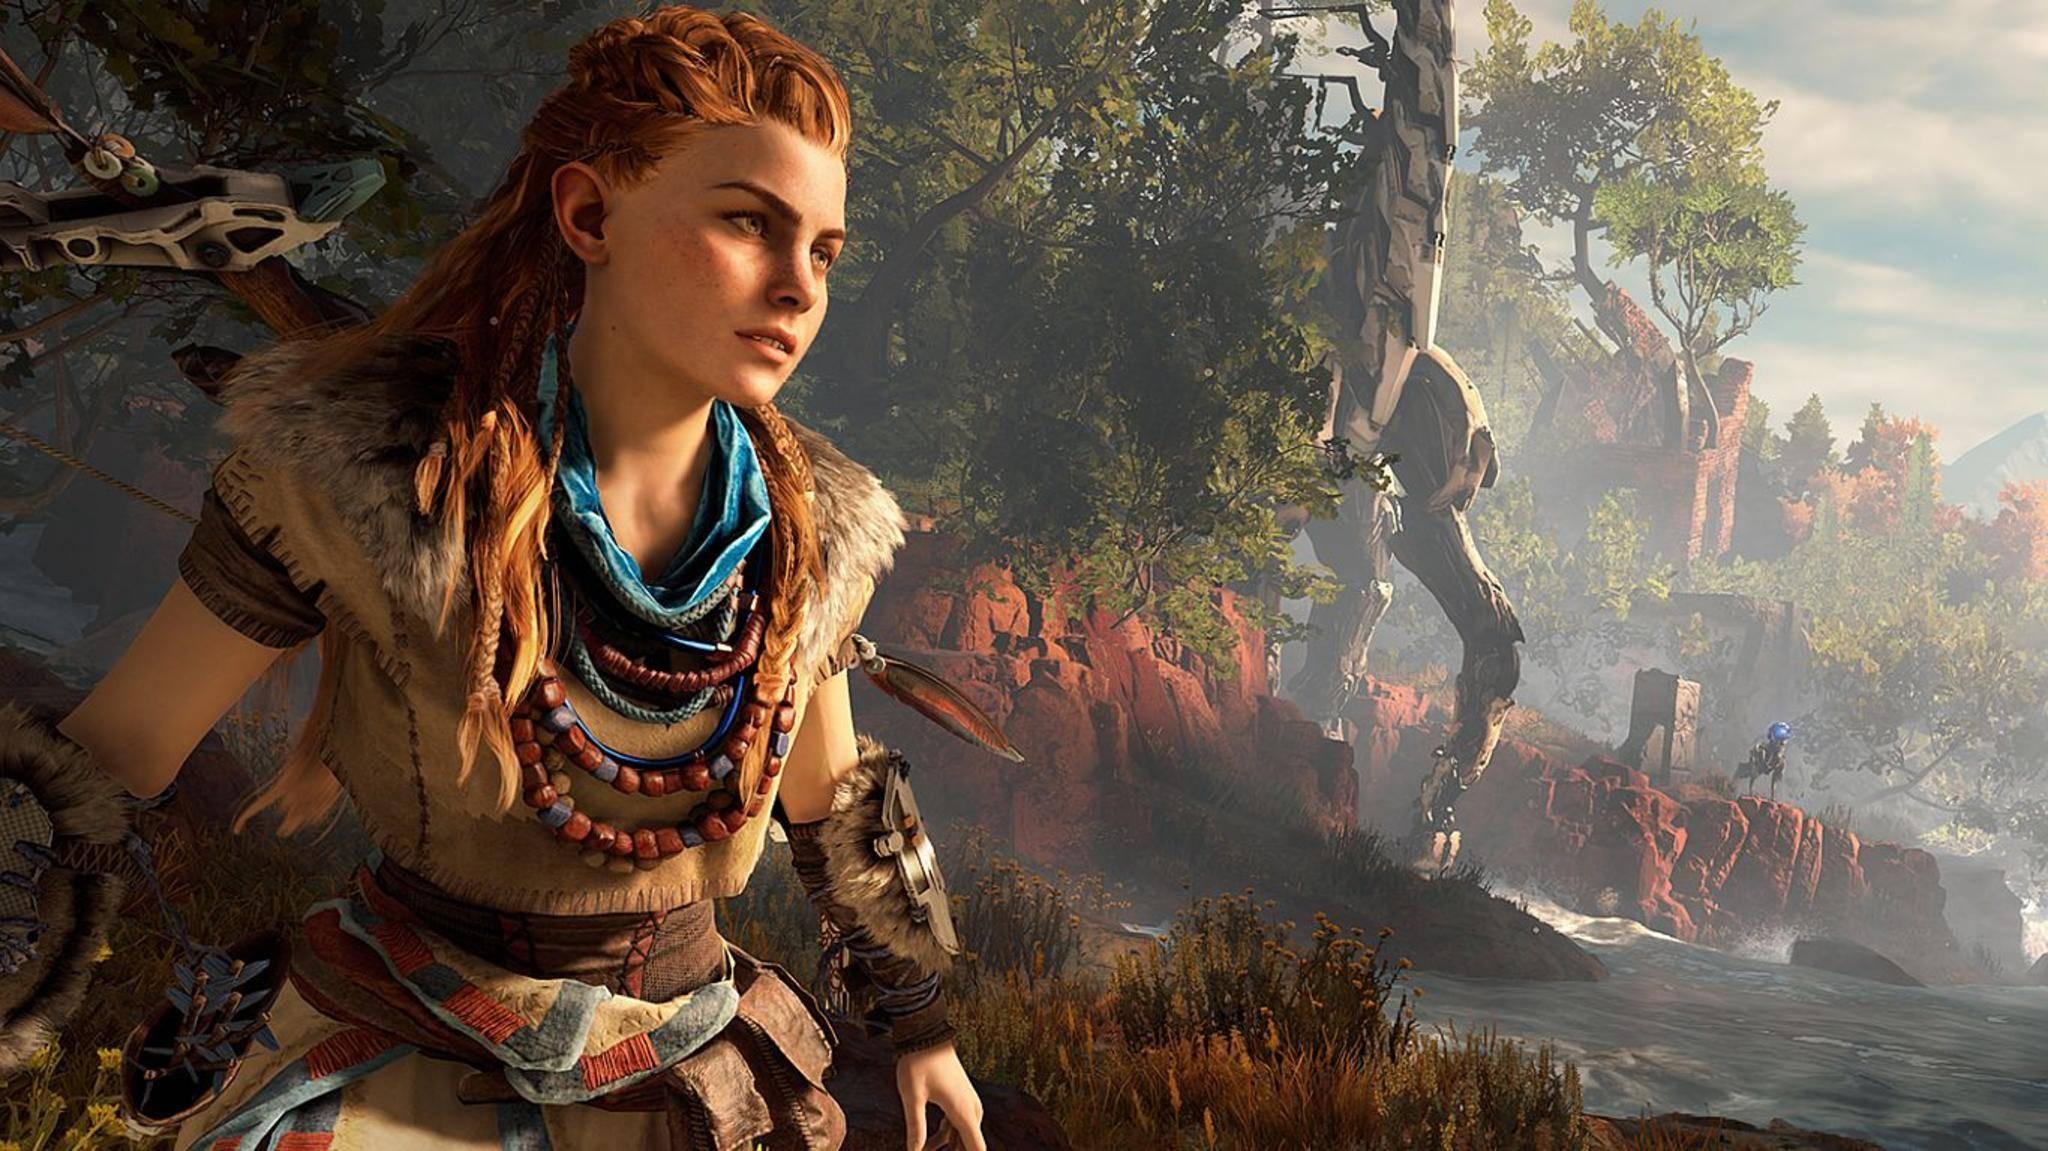 """Die Protagonistin Aloy aus """"Horizon Zero Dawn"""" könnte zu einer neuen Videospiel-Ikone werden."""